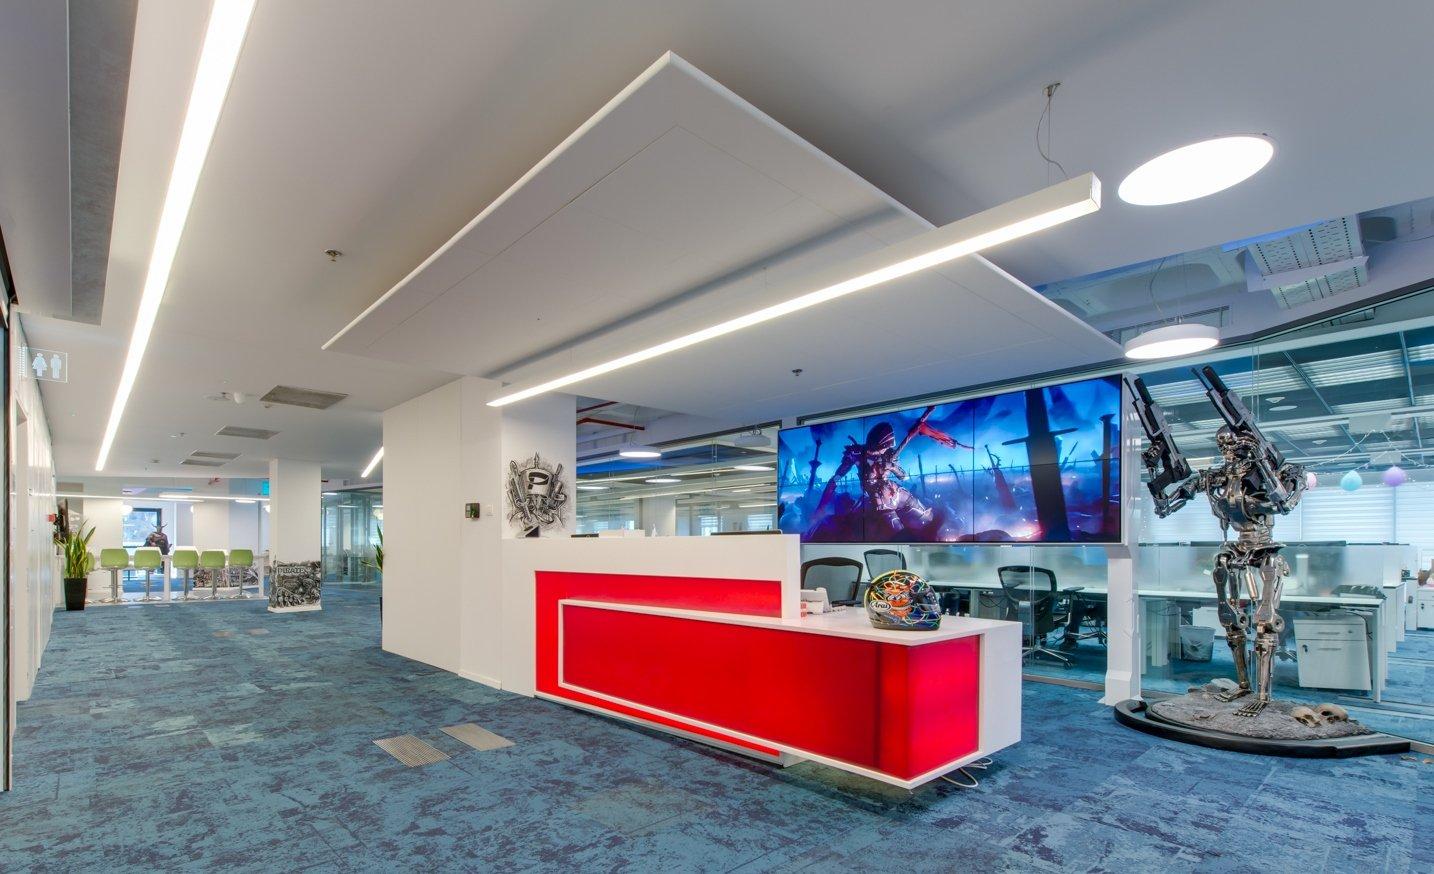 Plarium offices